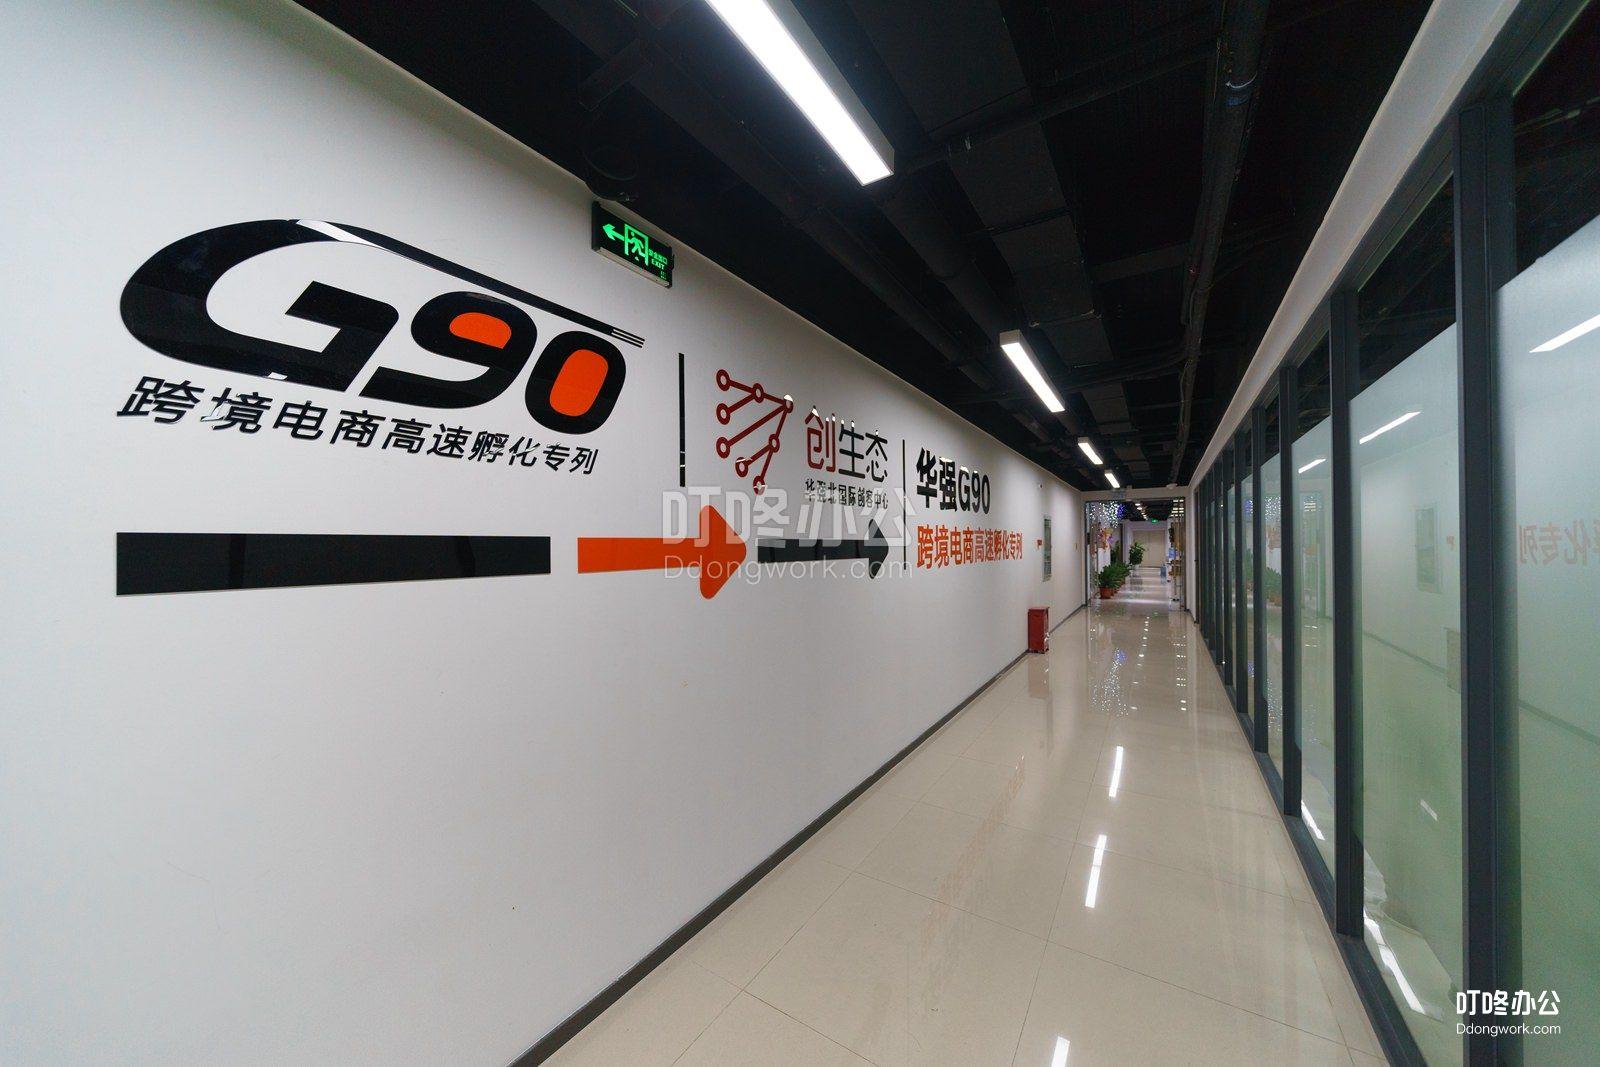 华强北国际创客中心「2.0」公共区域